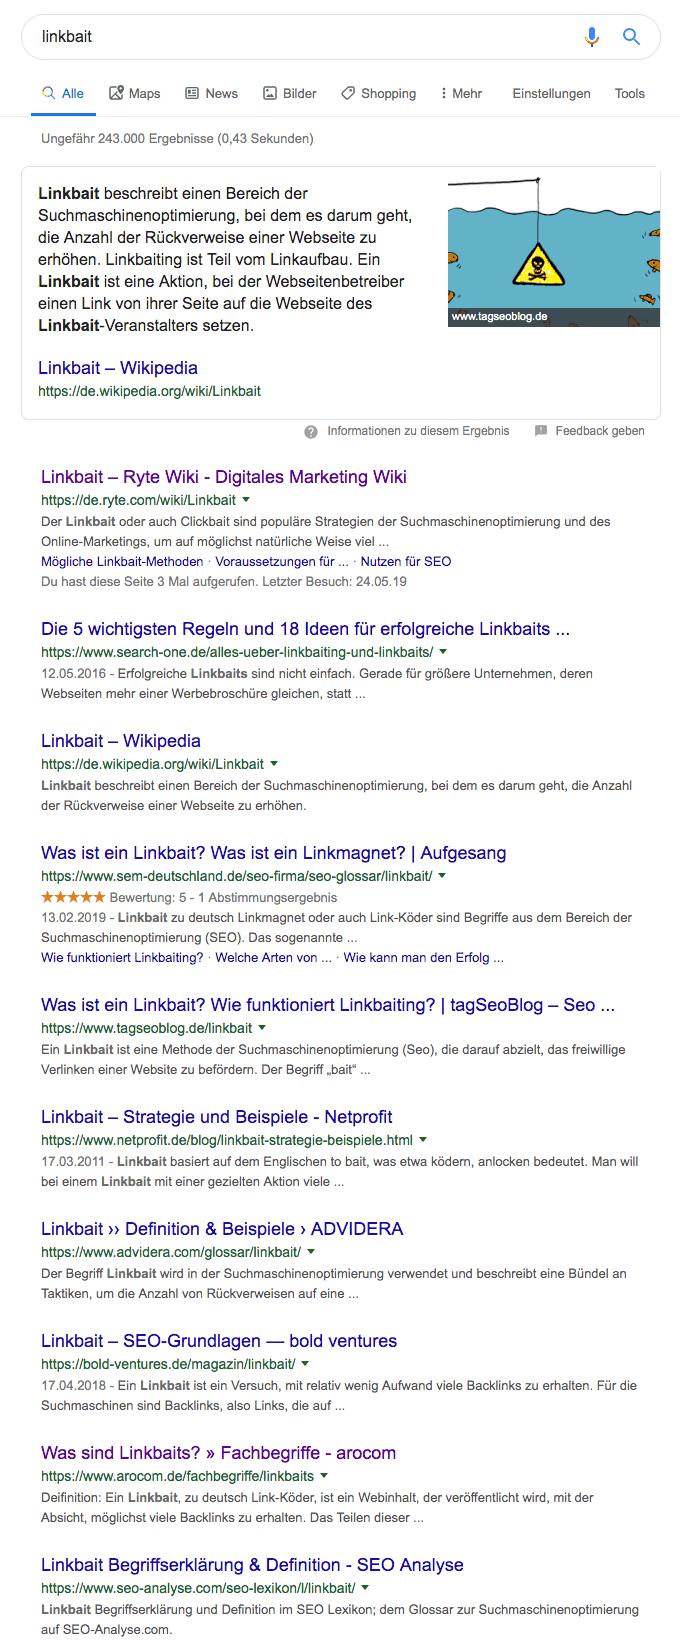 serp keyword finden seo text